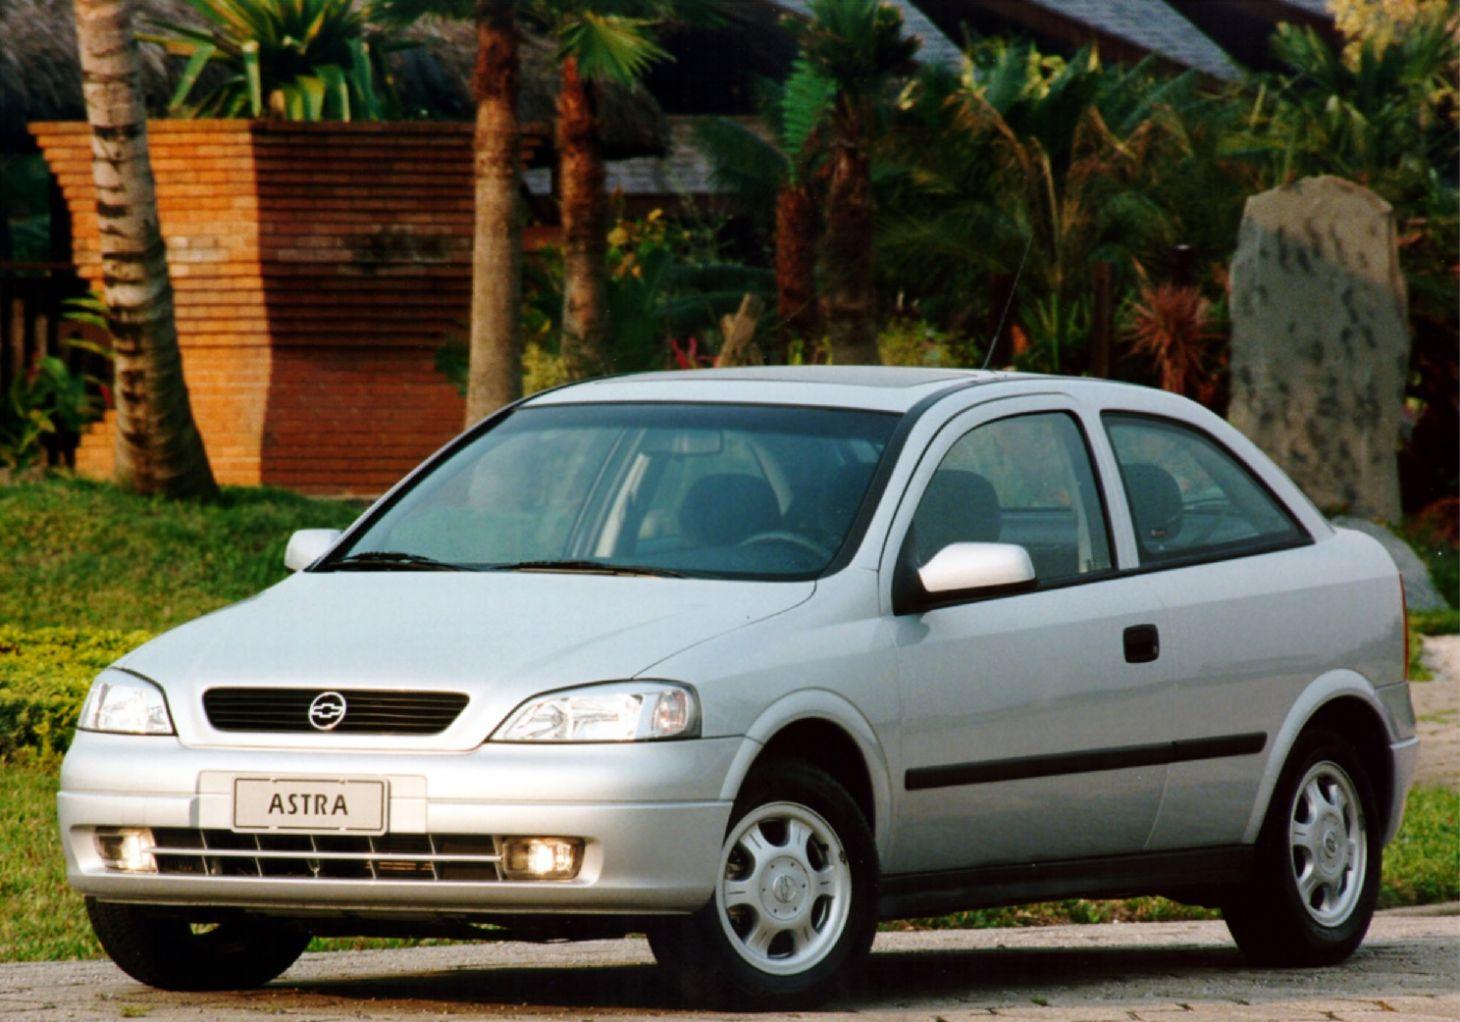 chevrolet astra gls hatch 1999 prata de frente